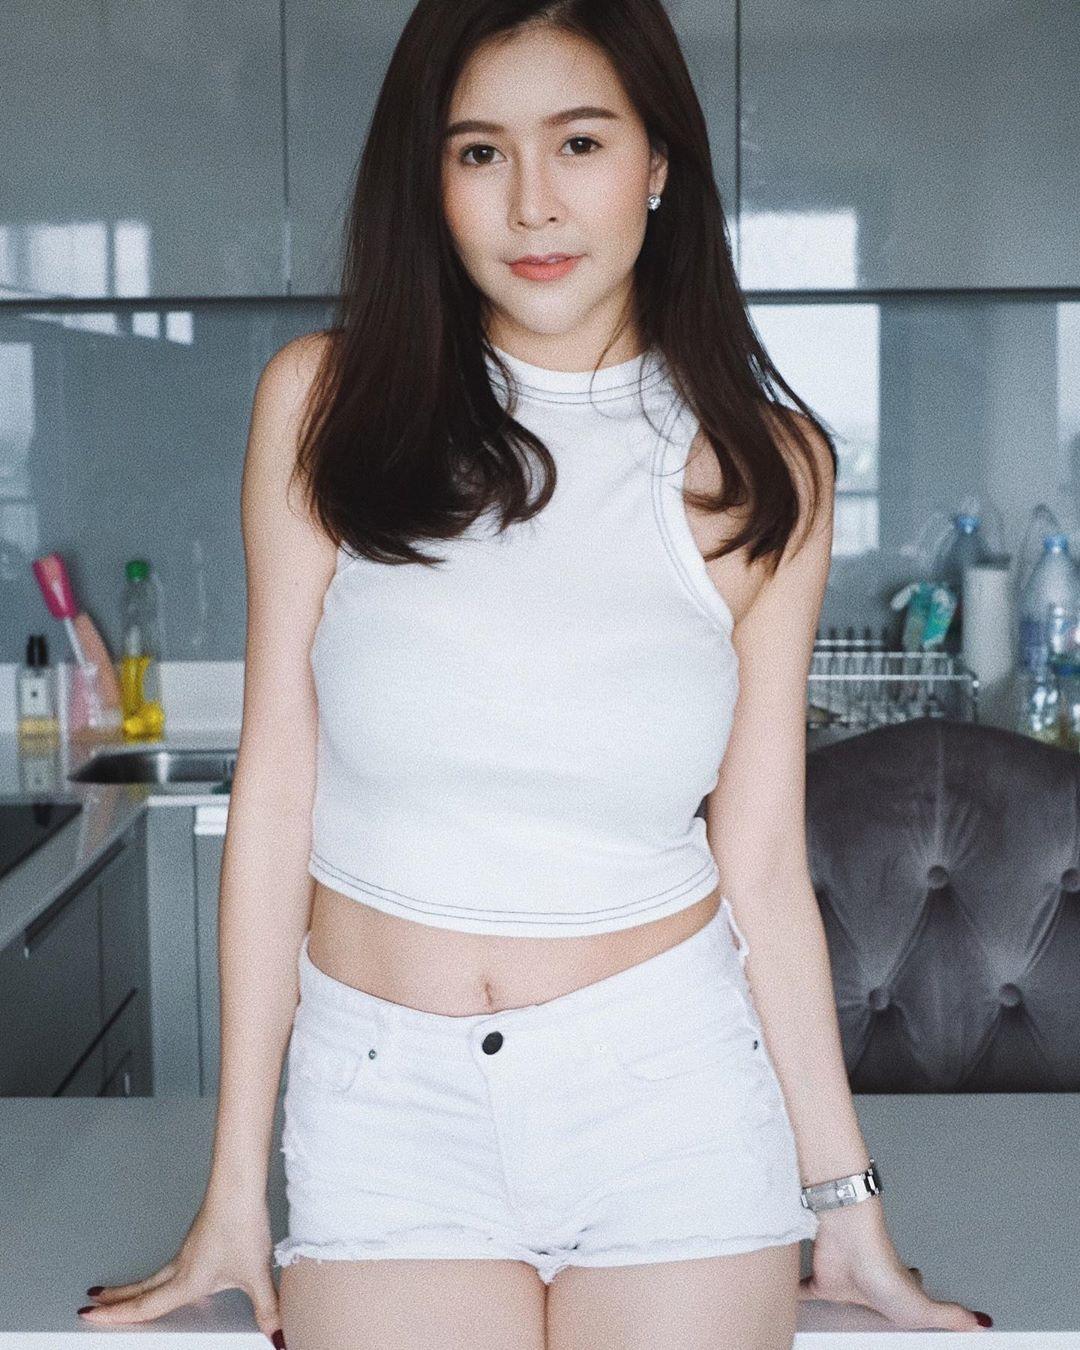 Mac quan yem khong phong ho hot girl Thai duoc khen dep khong buc mat 92321583 847259422408003 8643700343751162378 n 1588925161 354 width1080height1350